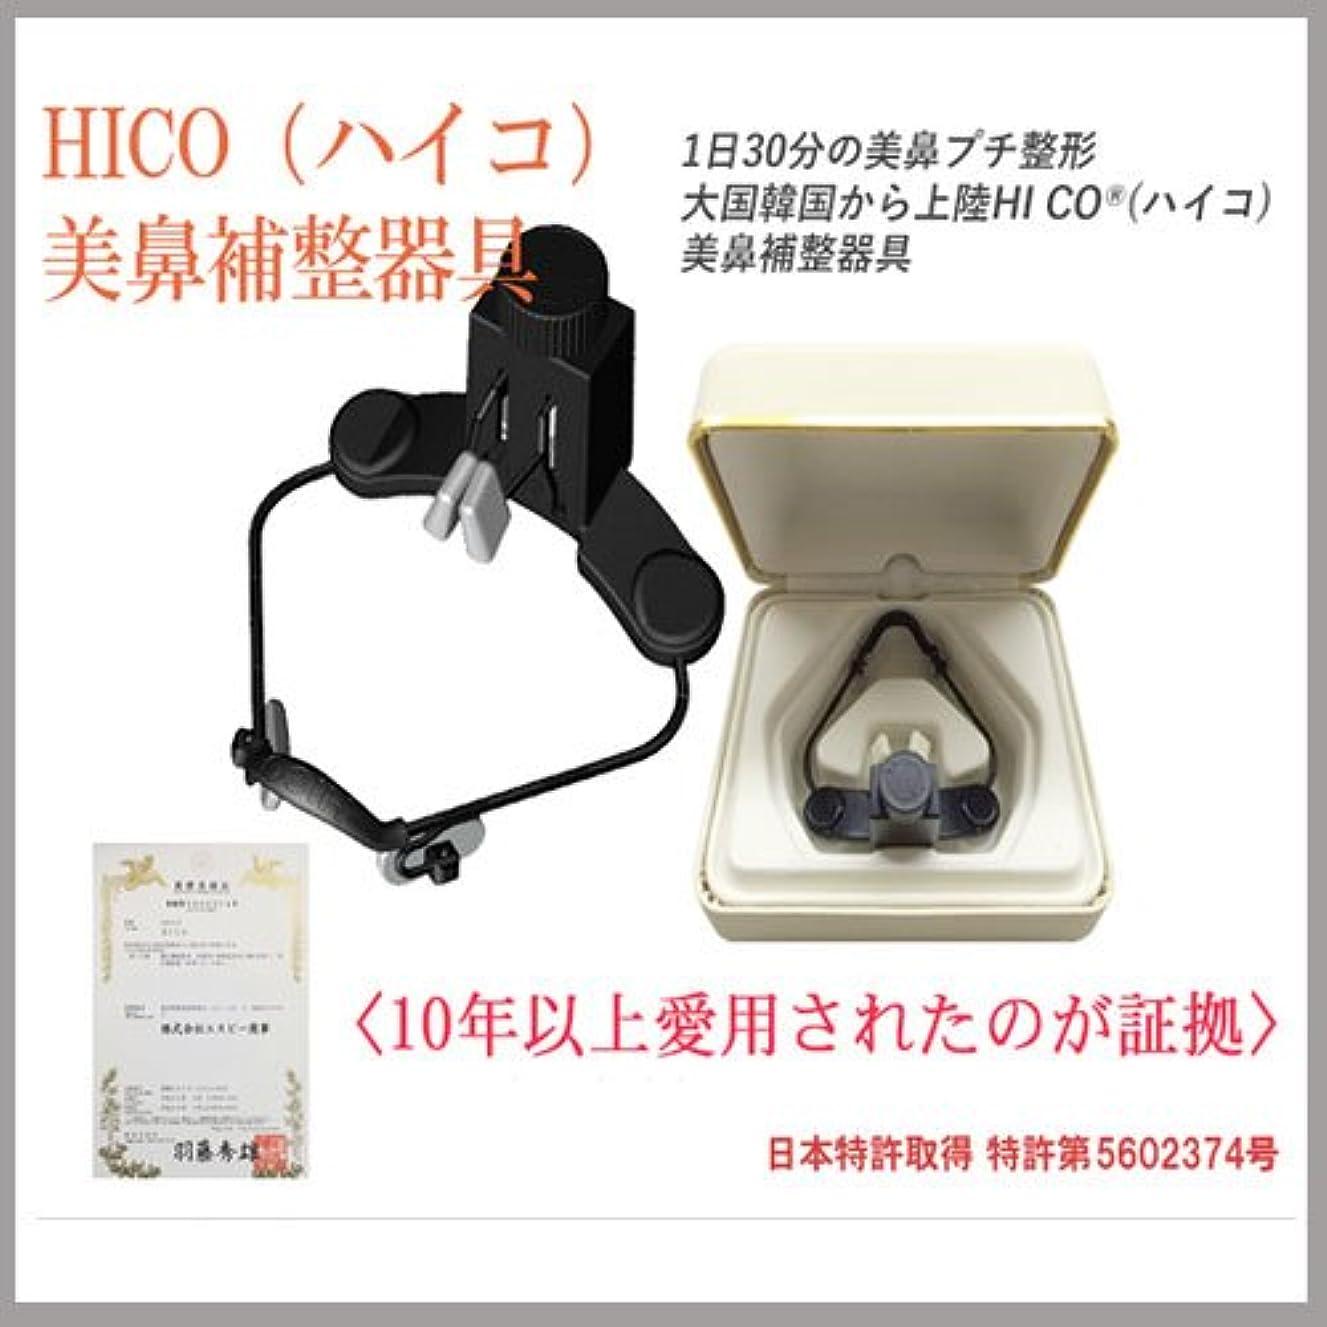 やがてパワー価値ハイコ(HICO) ◆美鼻サポート器具